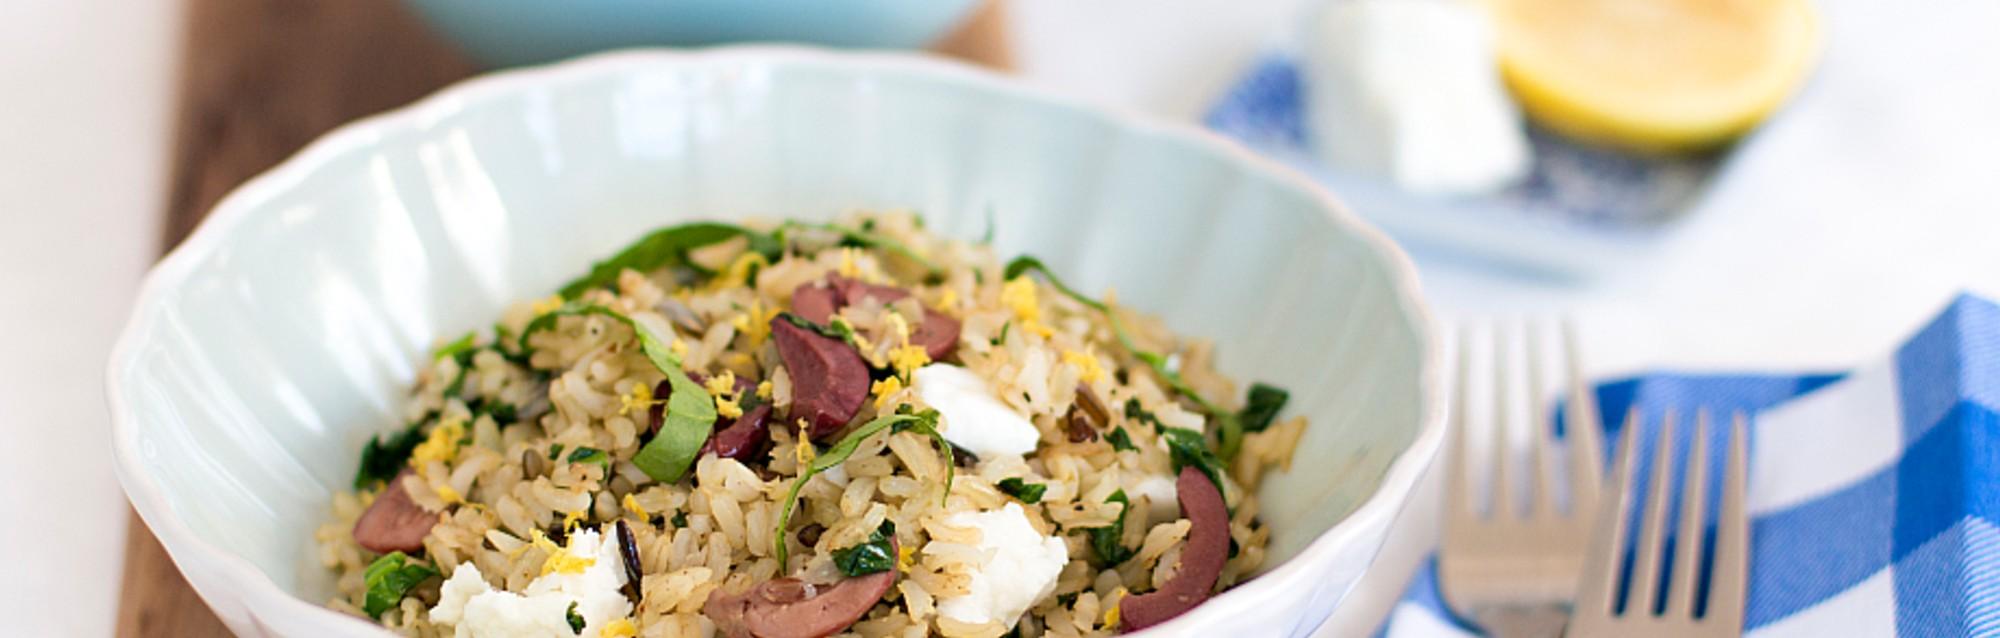 Pure South Press Avocado Oil Rice Recipe